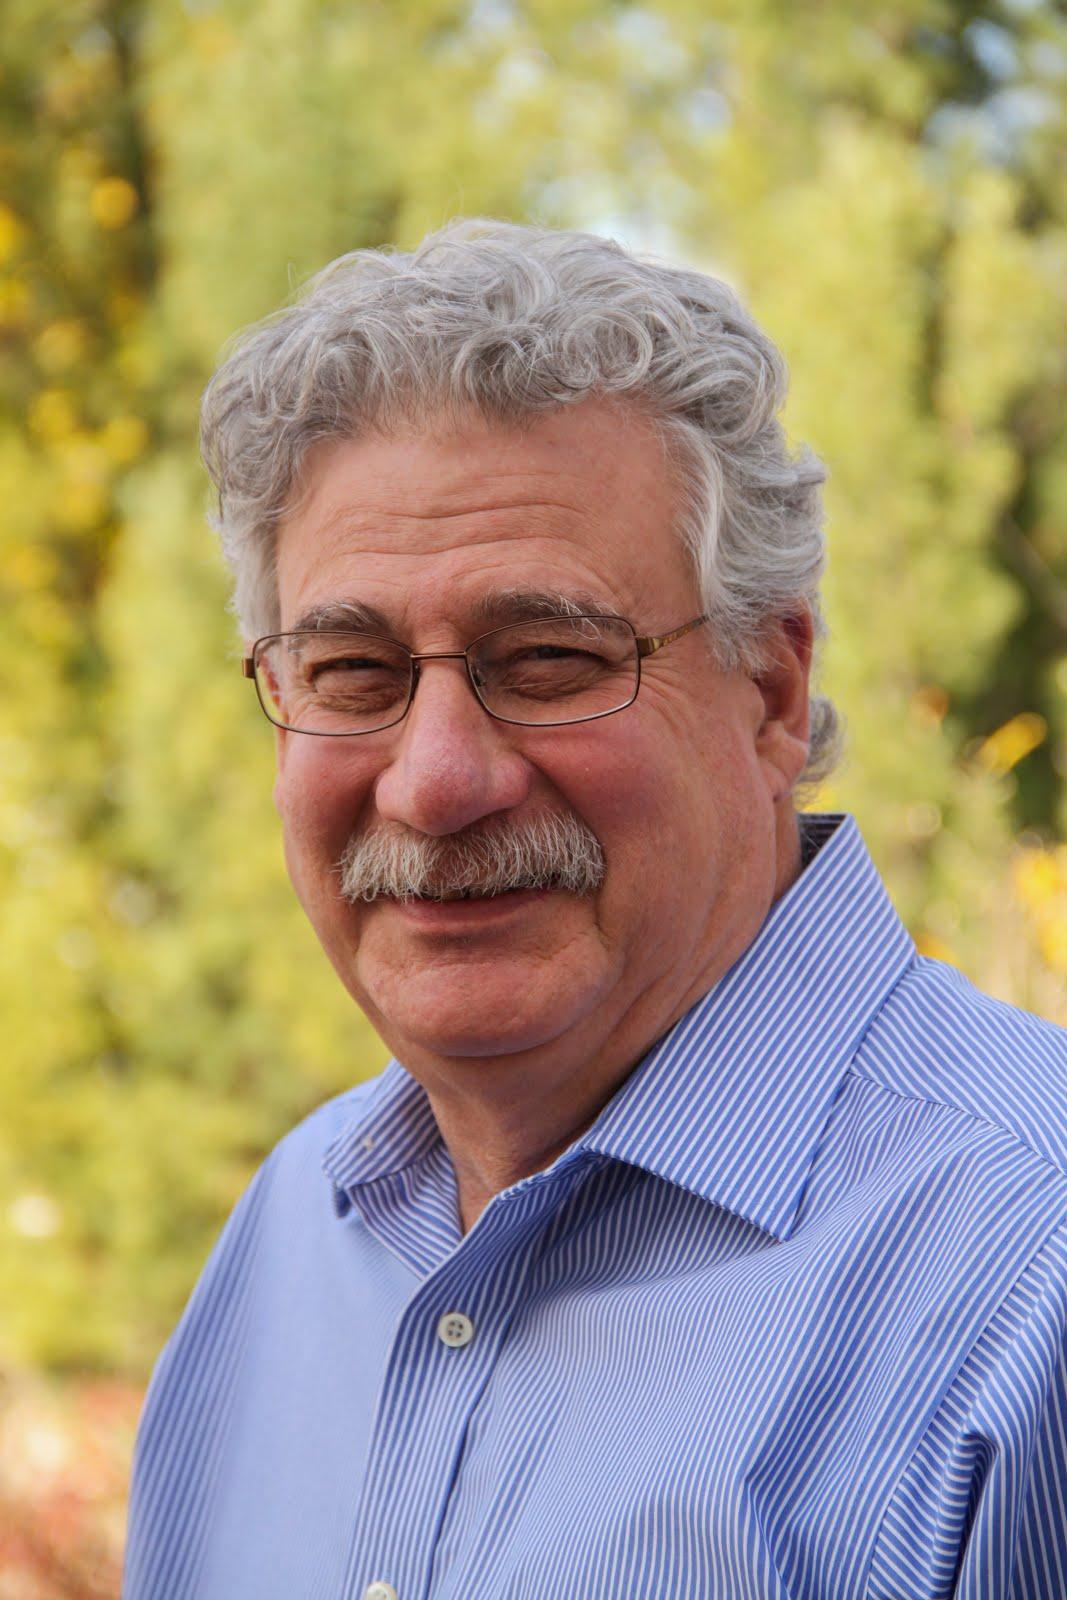 Rod Scher